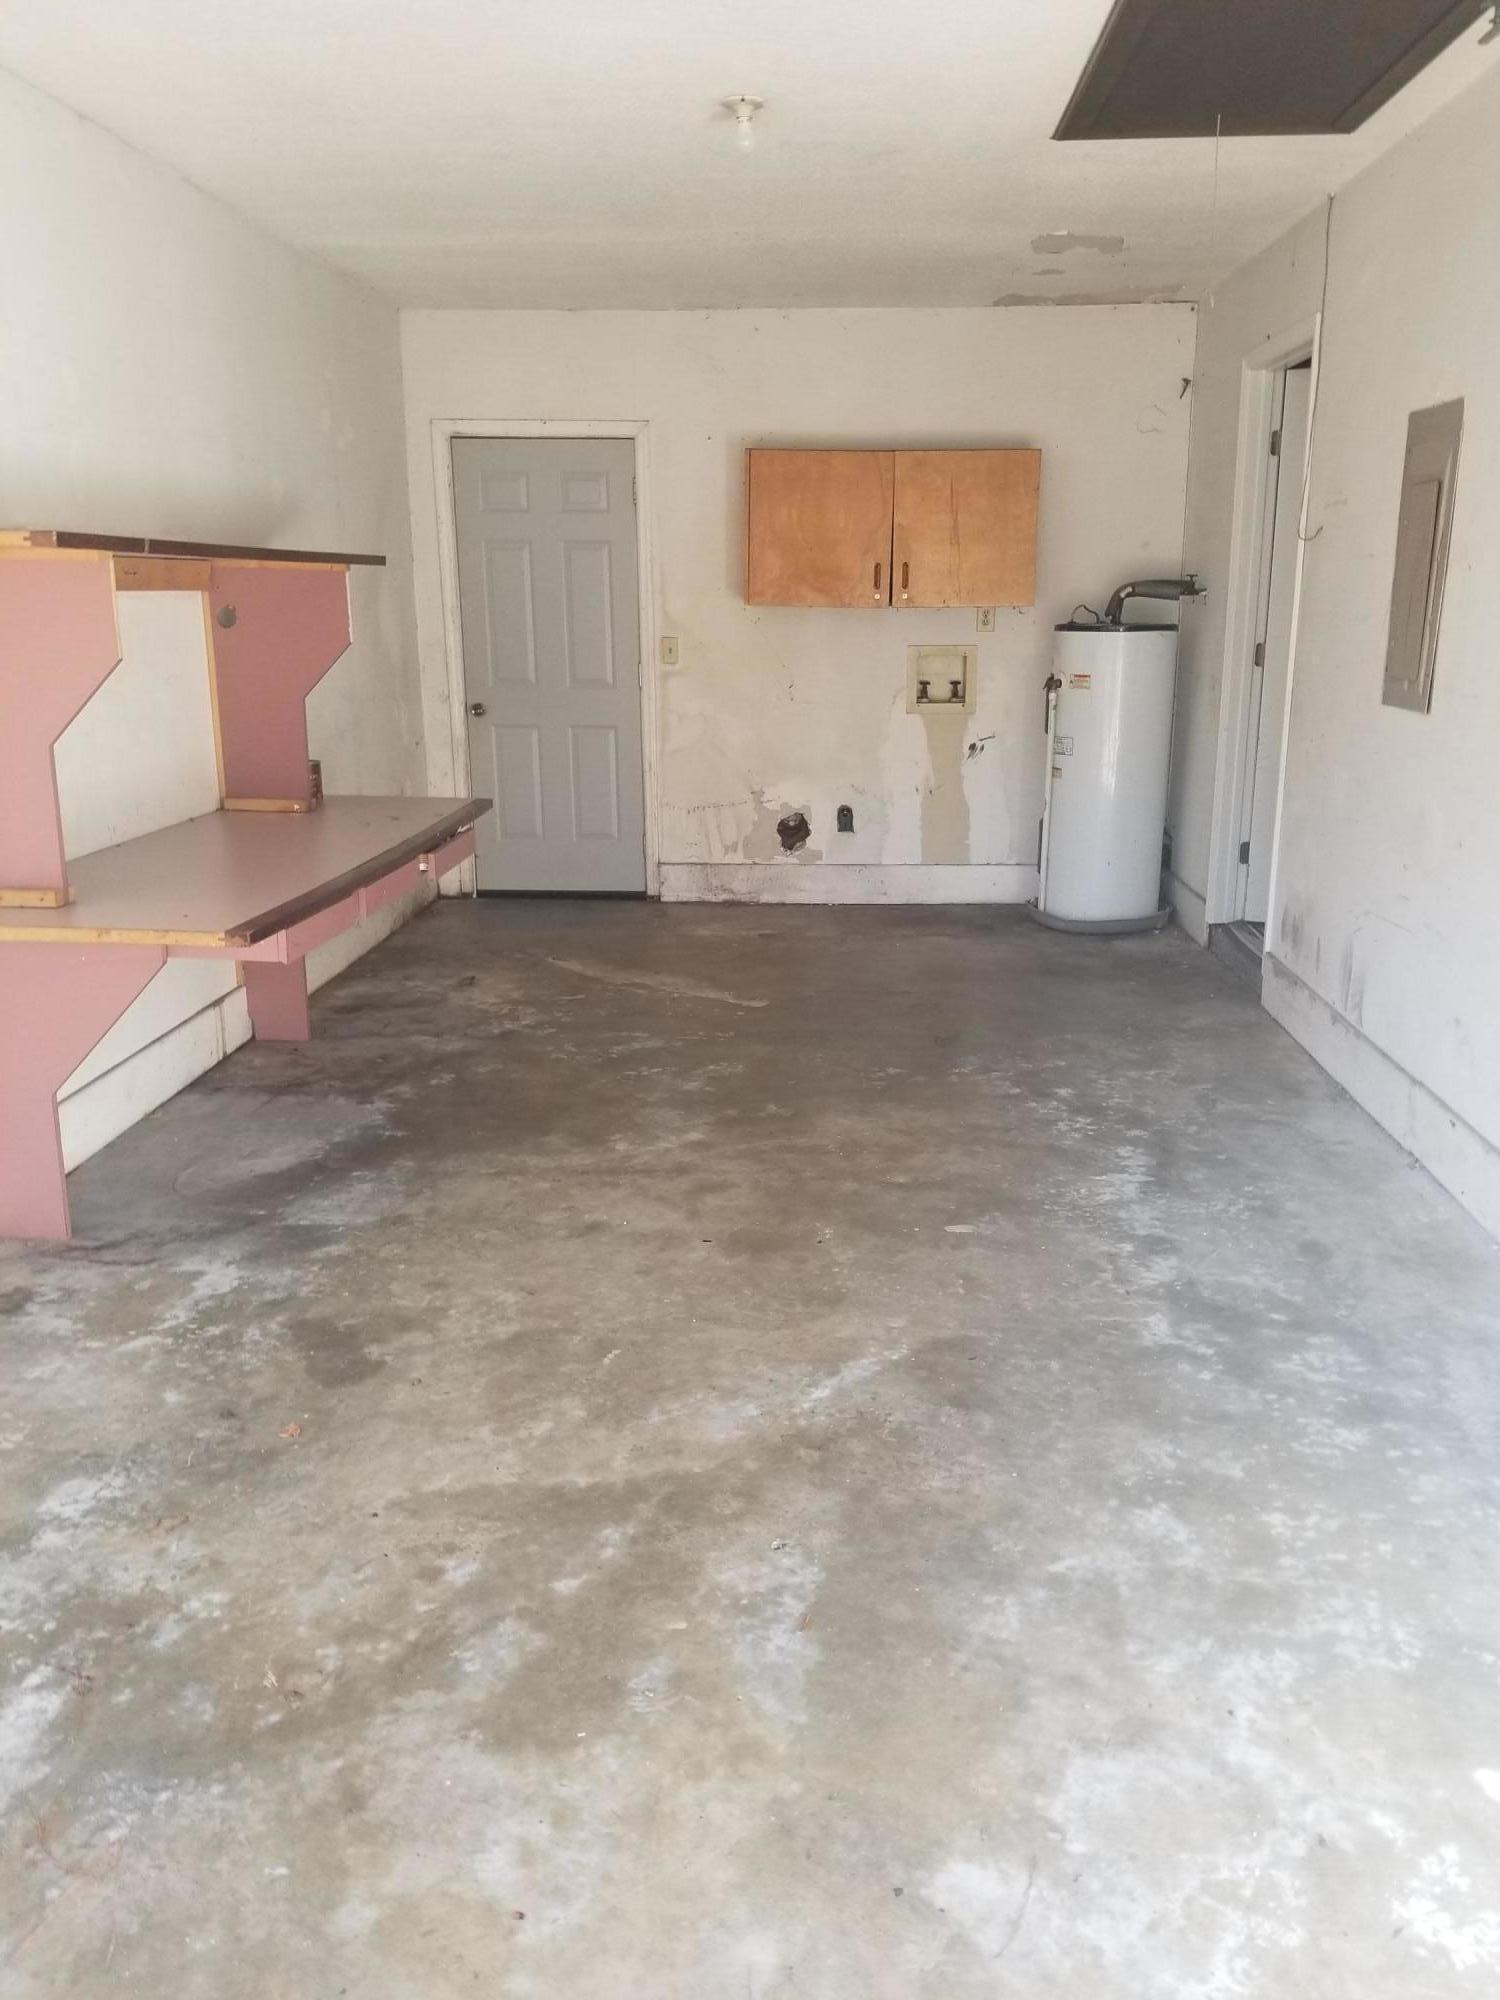 Dorchester Manor Homes For Sale - 274 Dorchester Manor, North Charleston, SC - 5